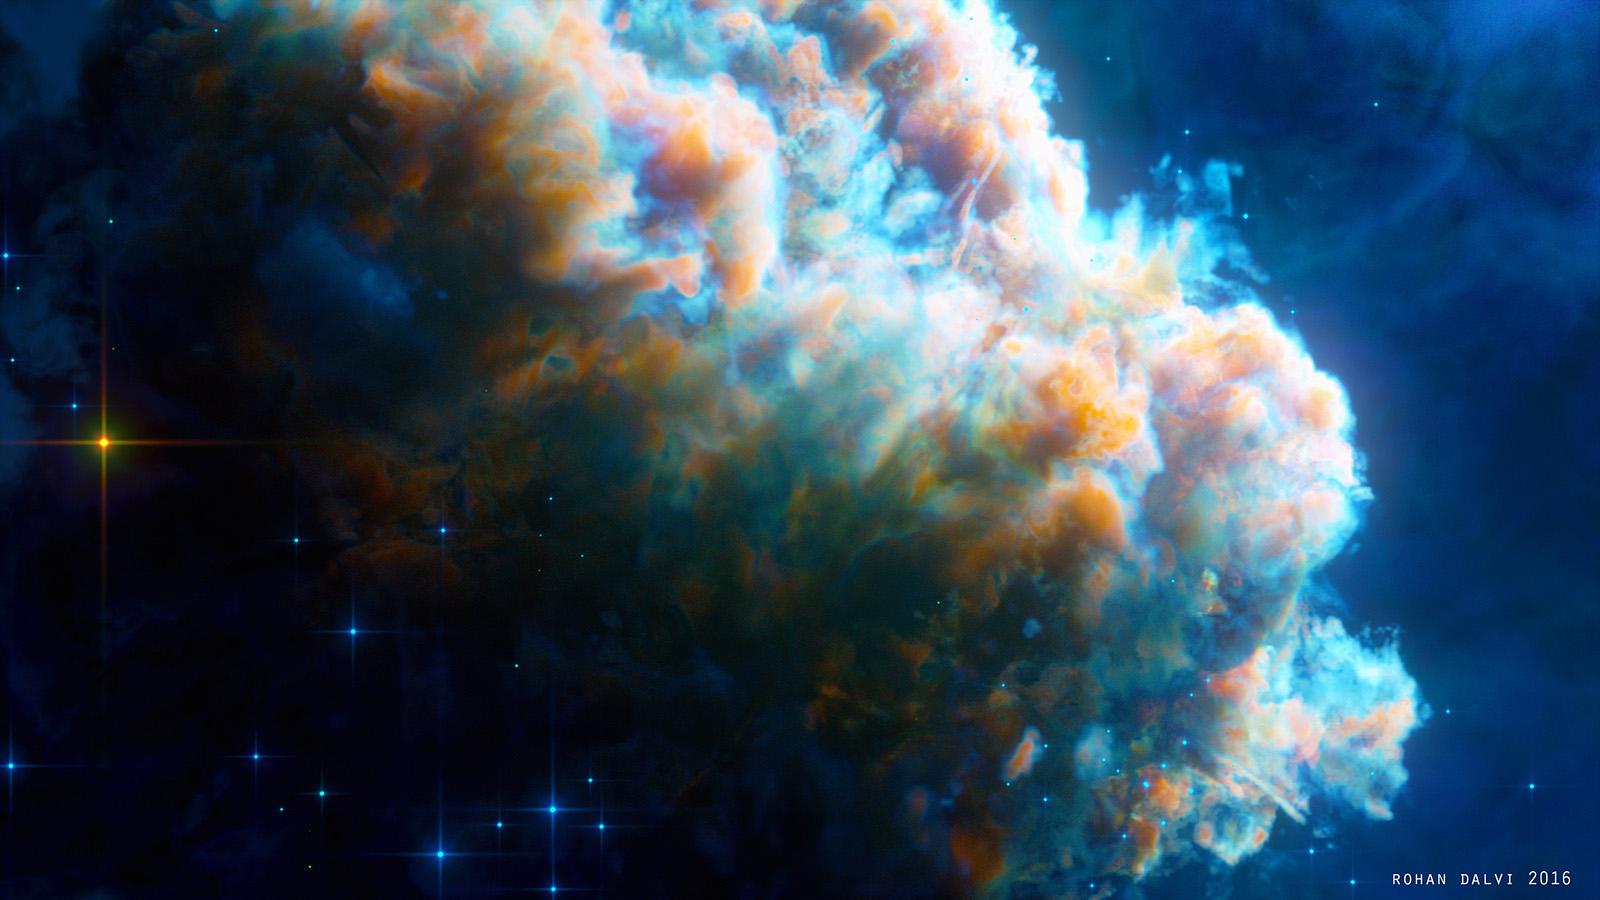 nebula_1600.jpg?format=2500w